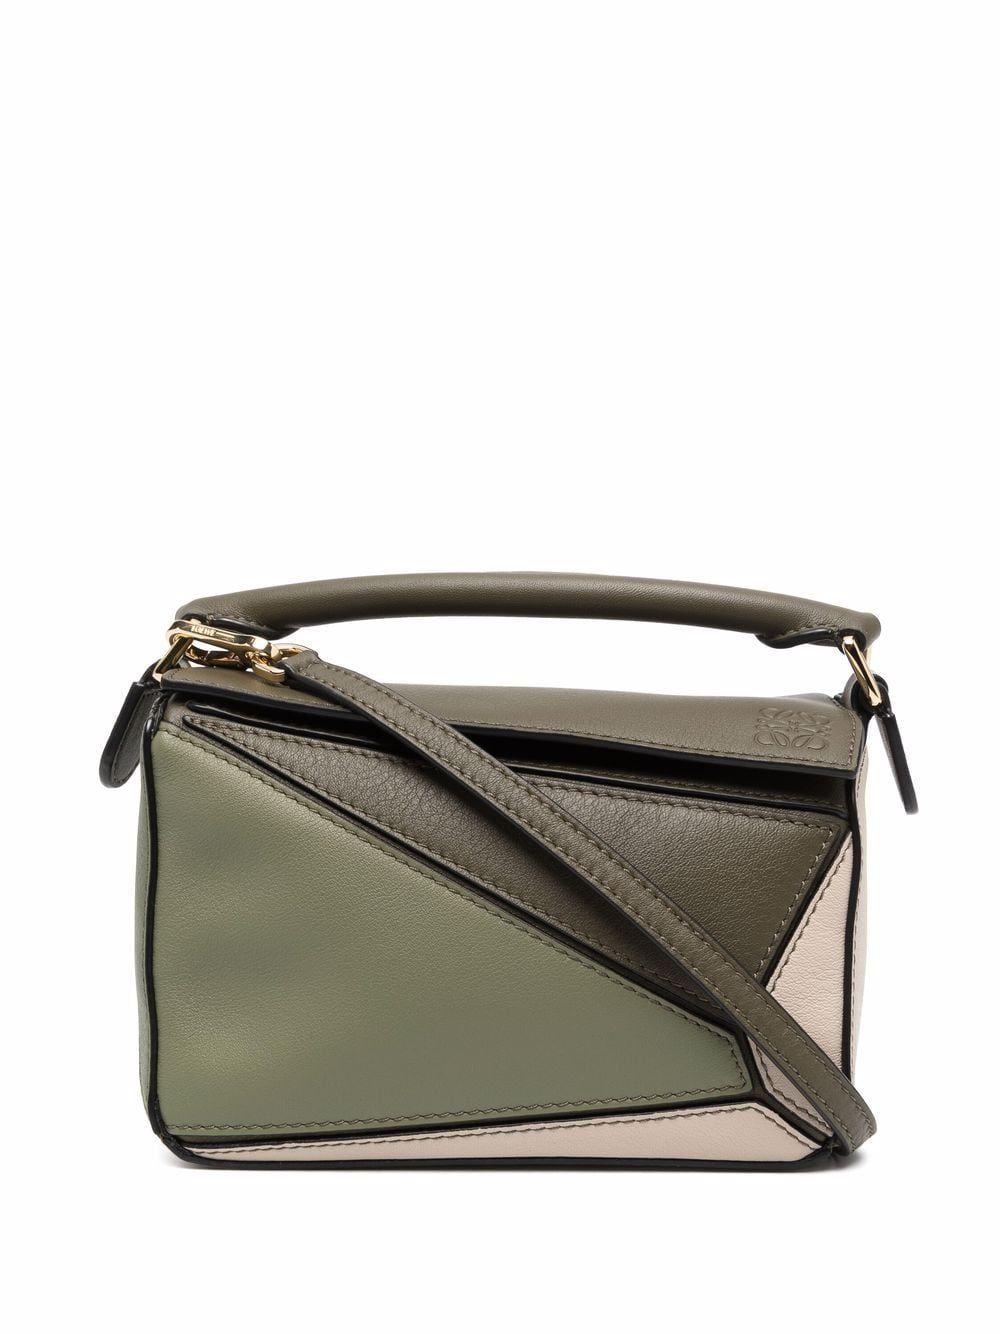 Loewe bags.. green